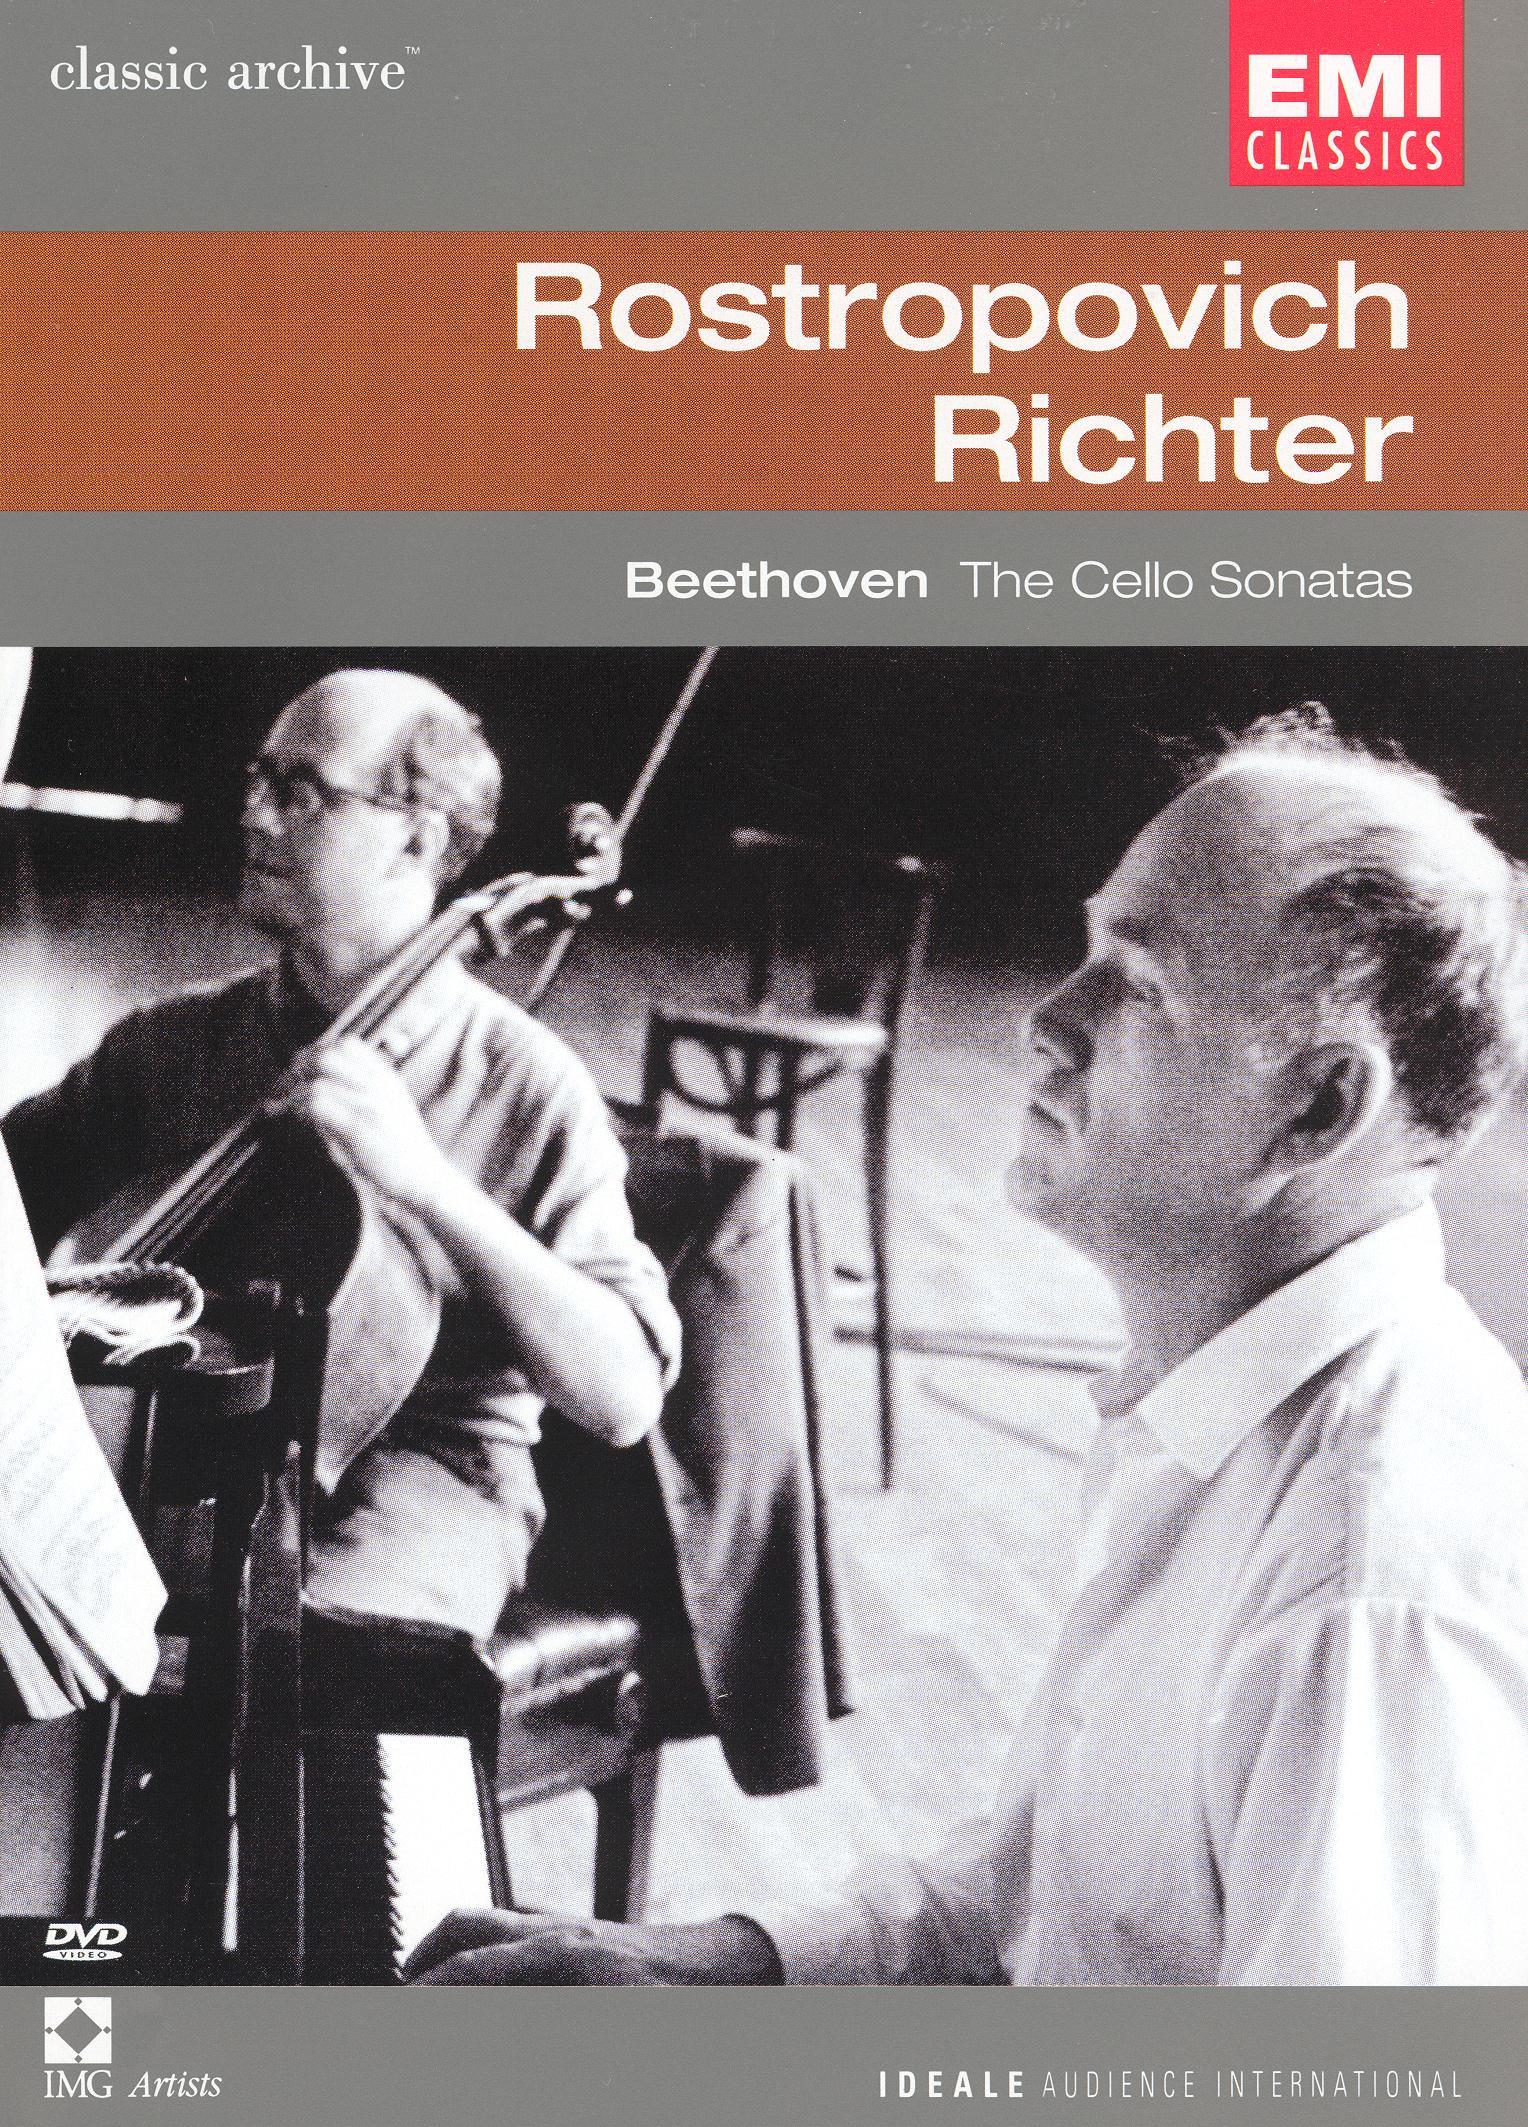 Rostropovich/Richter: Beethoven - The Cello Sonatas